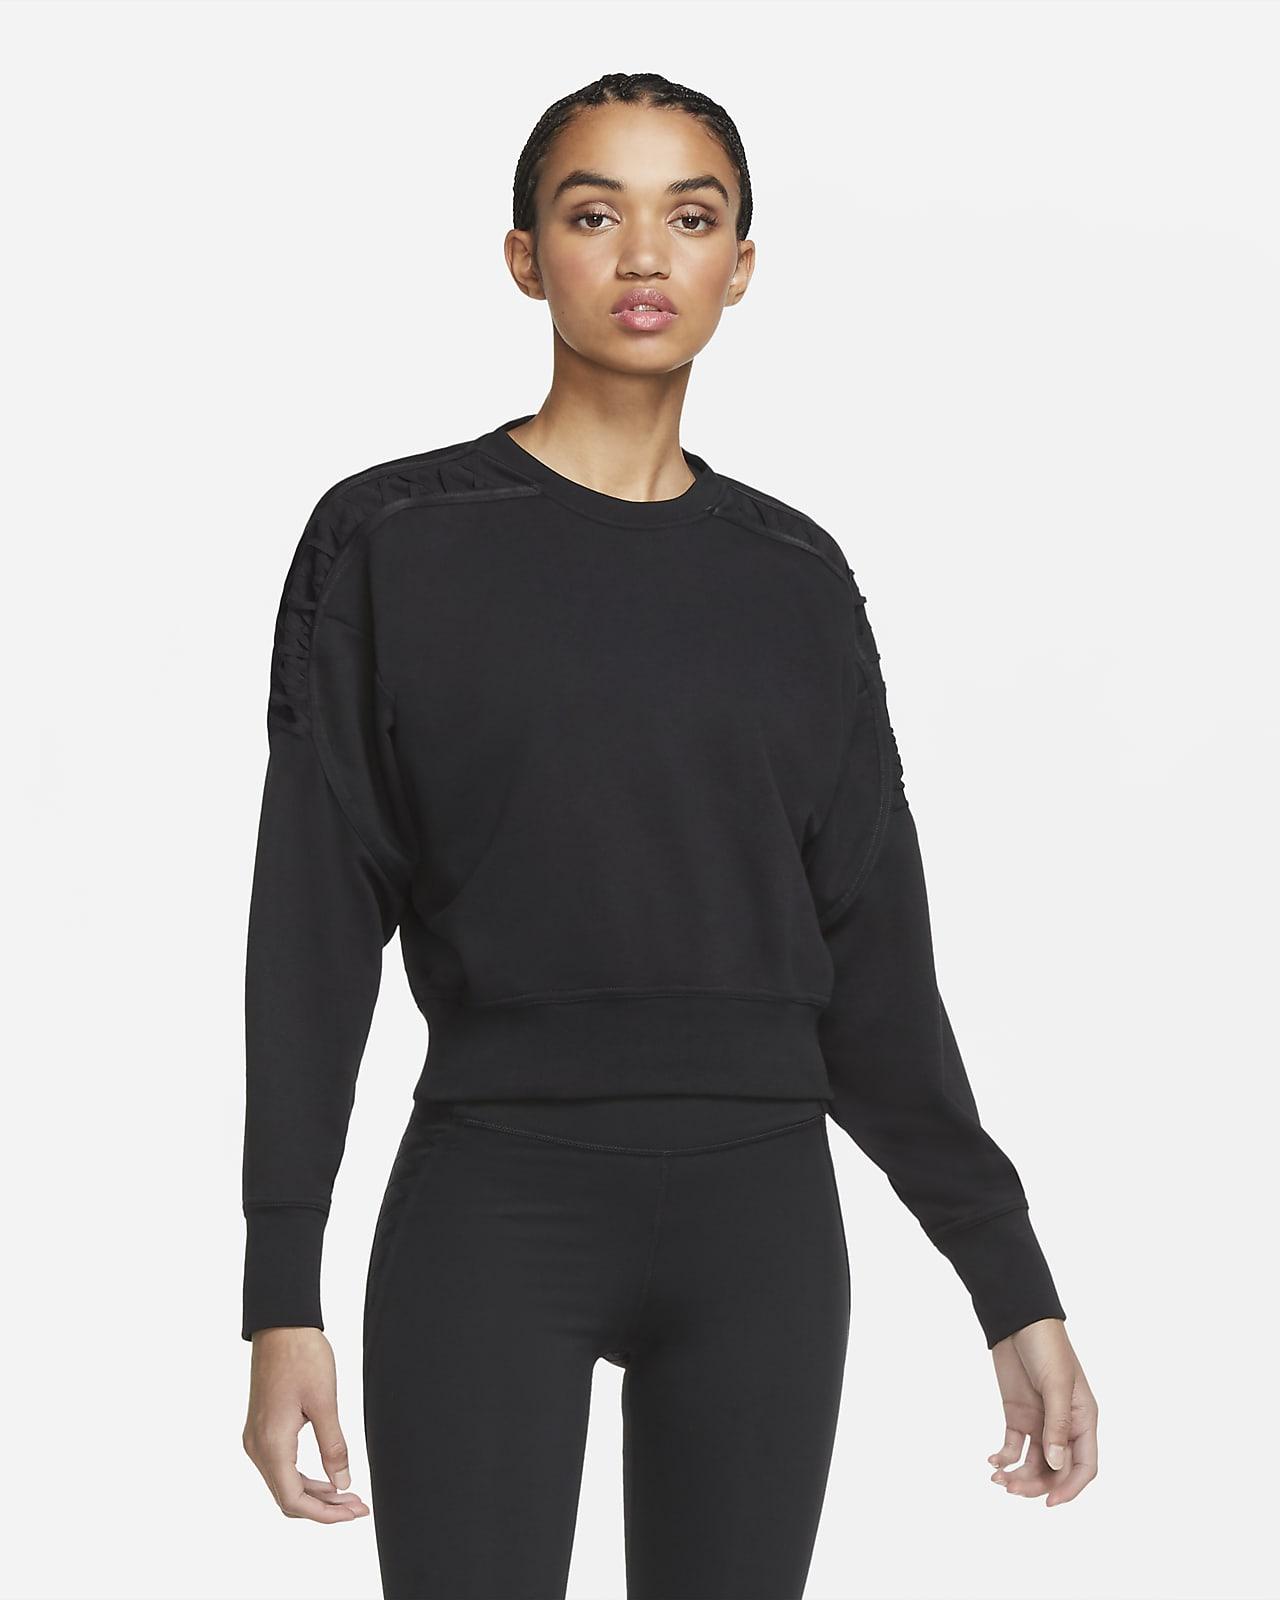 Nike verkürztes Fleece-Trainingsrundhalsshirt mit Spitze für Damen